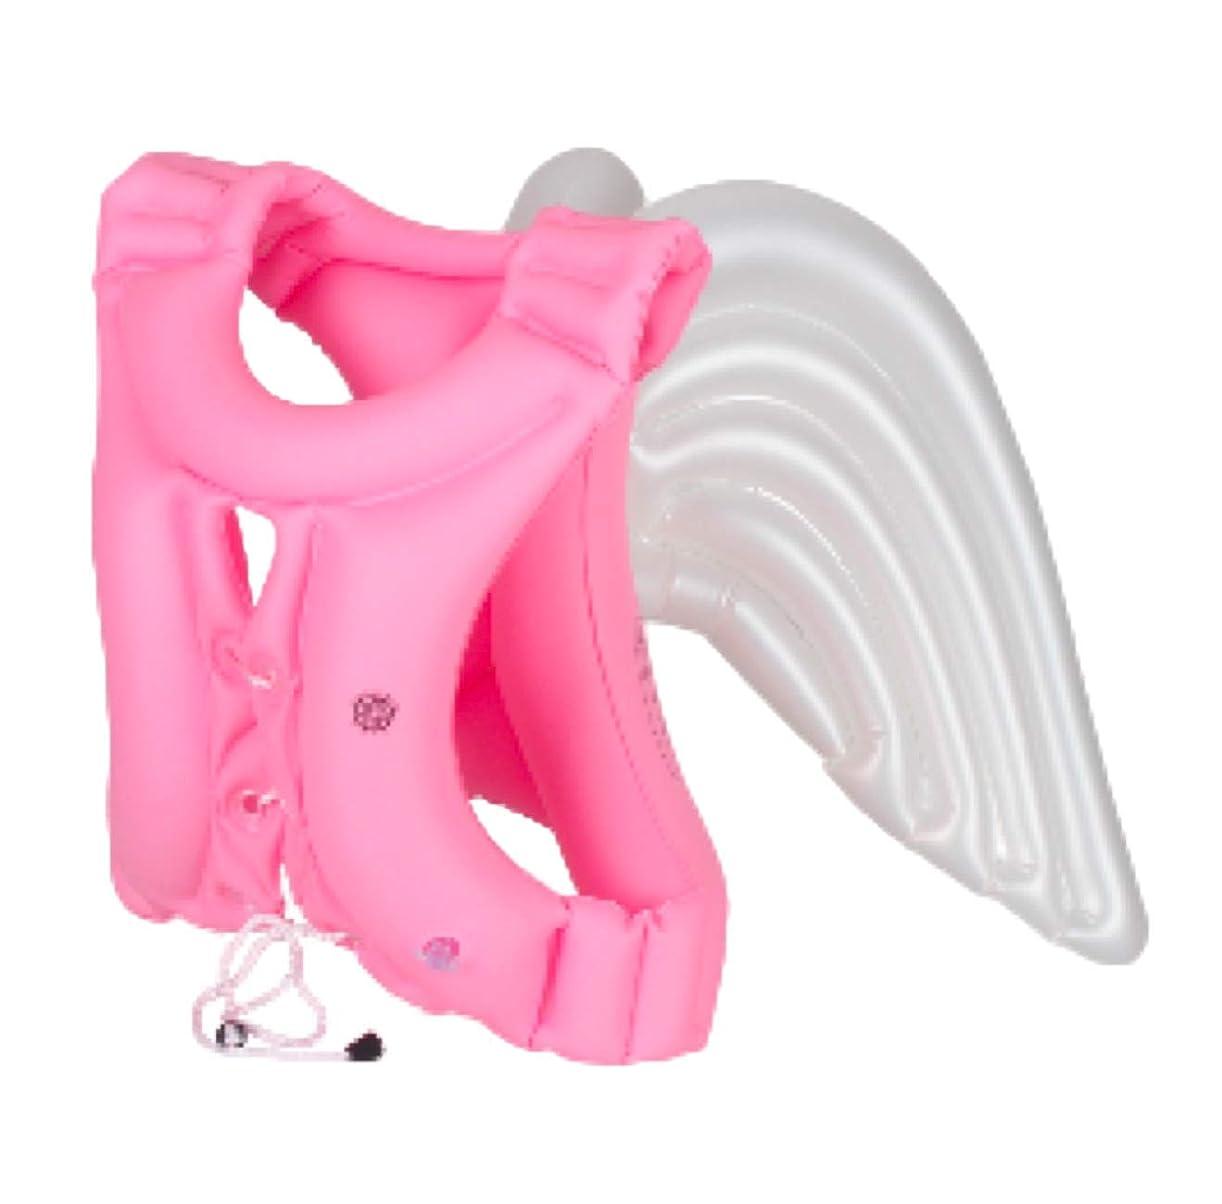 歌手考案するパスポートBEATONJAPAN 浮輪 大人 子供 ベスト 胴衣 天使の羽根 羽 かわいい ビーチ プール サップ マリンスポーツ 大流行 インスタ映え